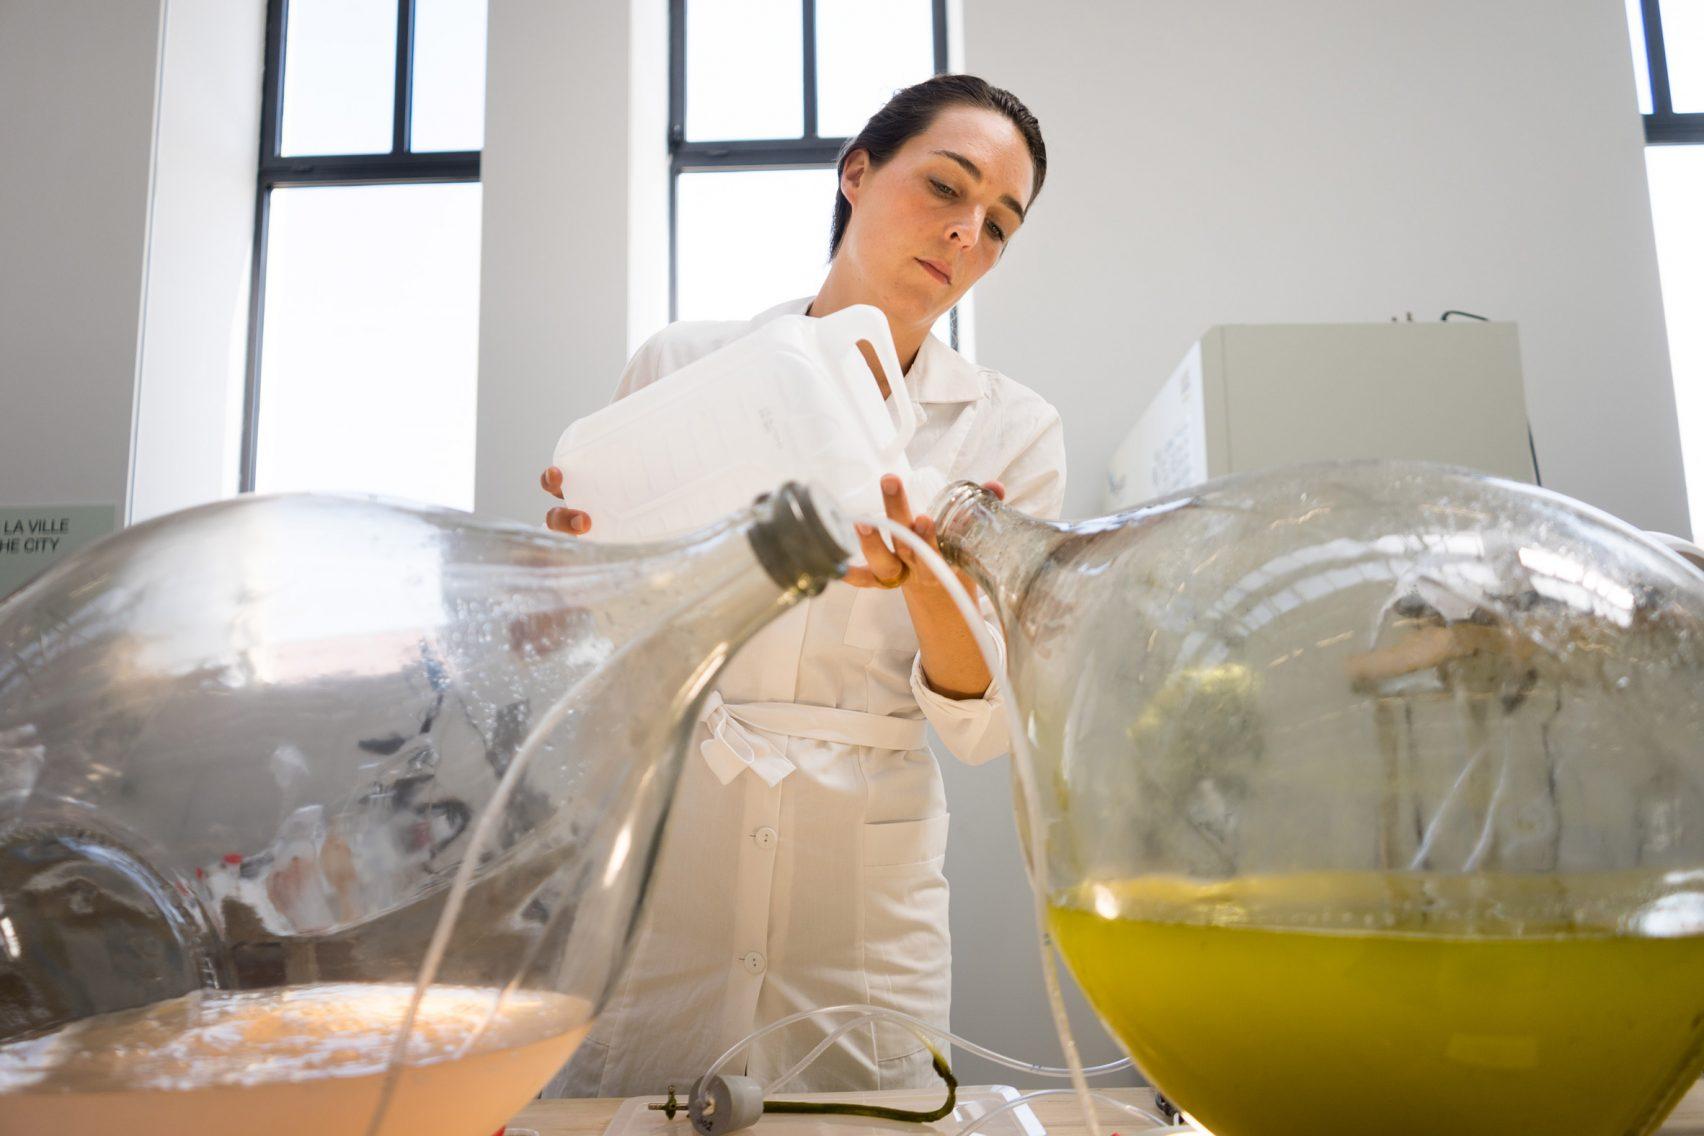 Designers holandeses transformam algas em bioplástico para impressão em 3D 4